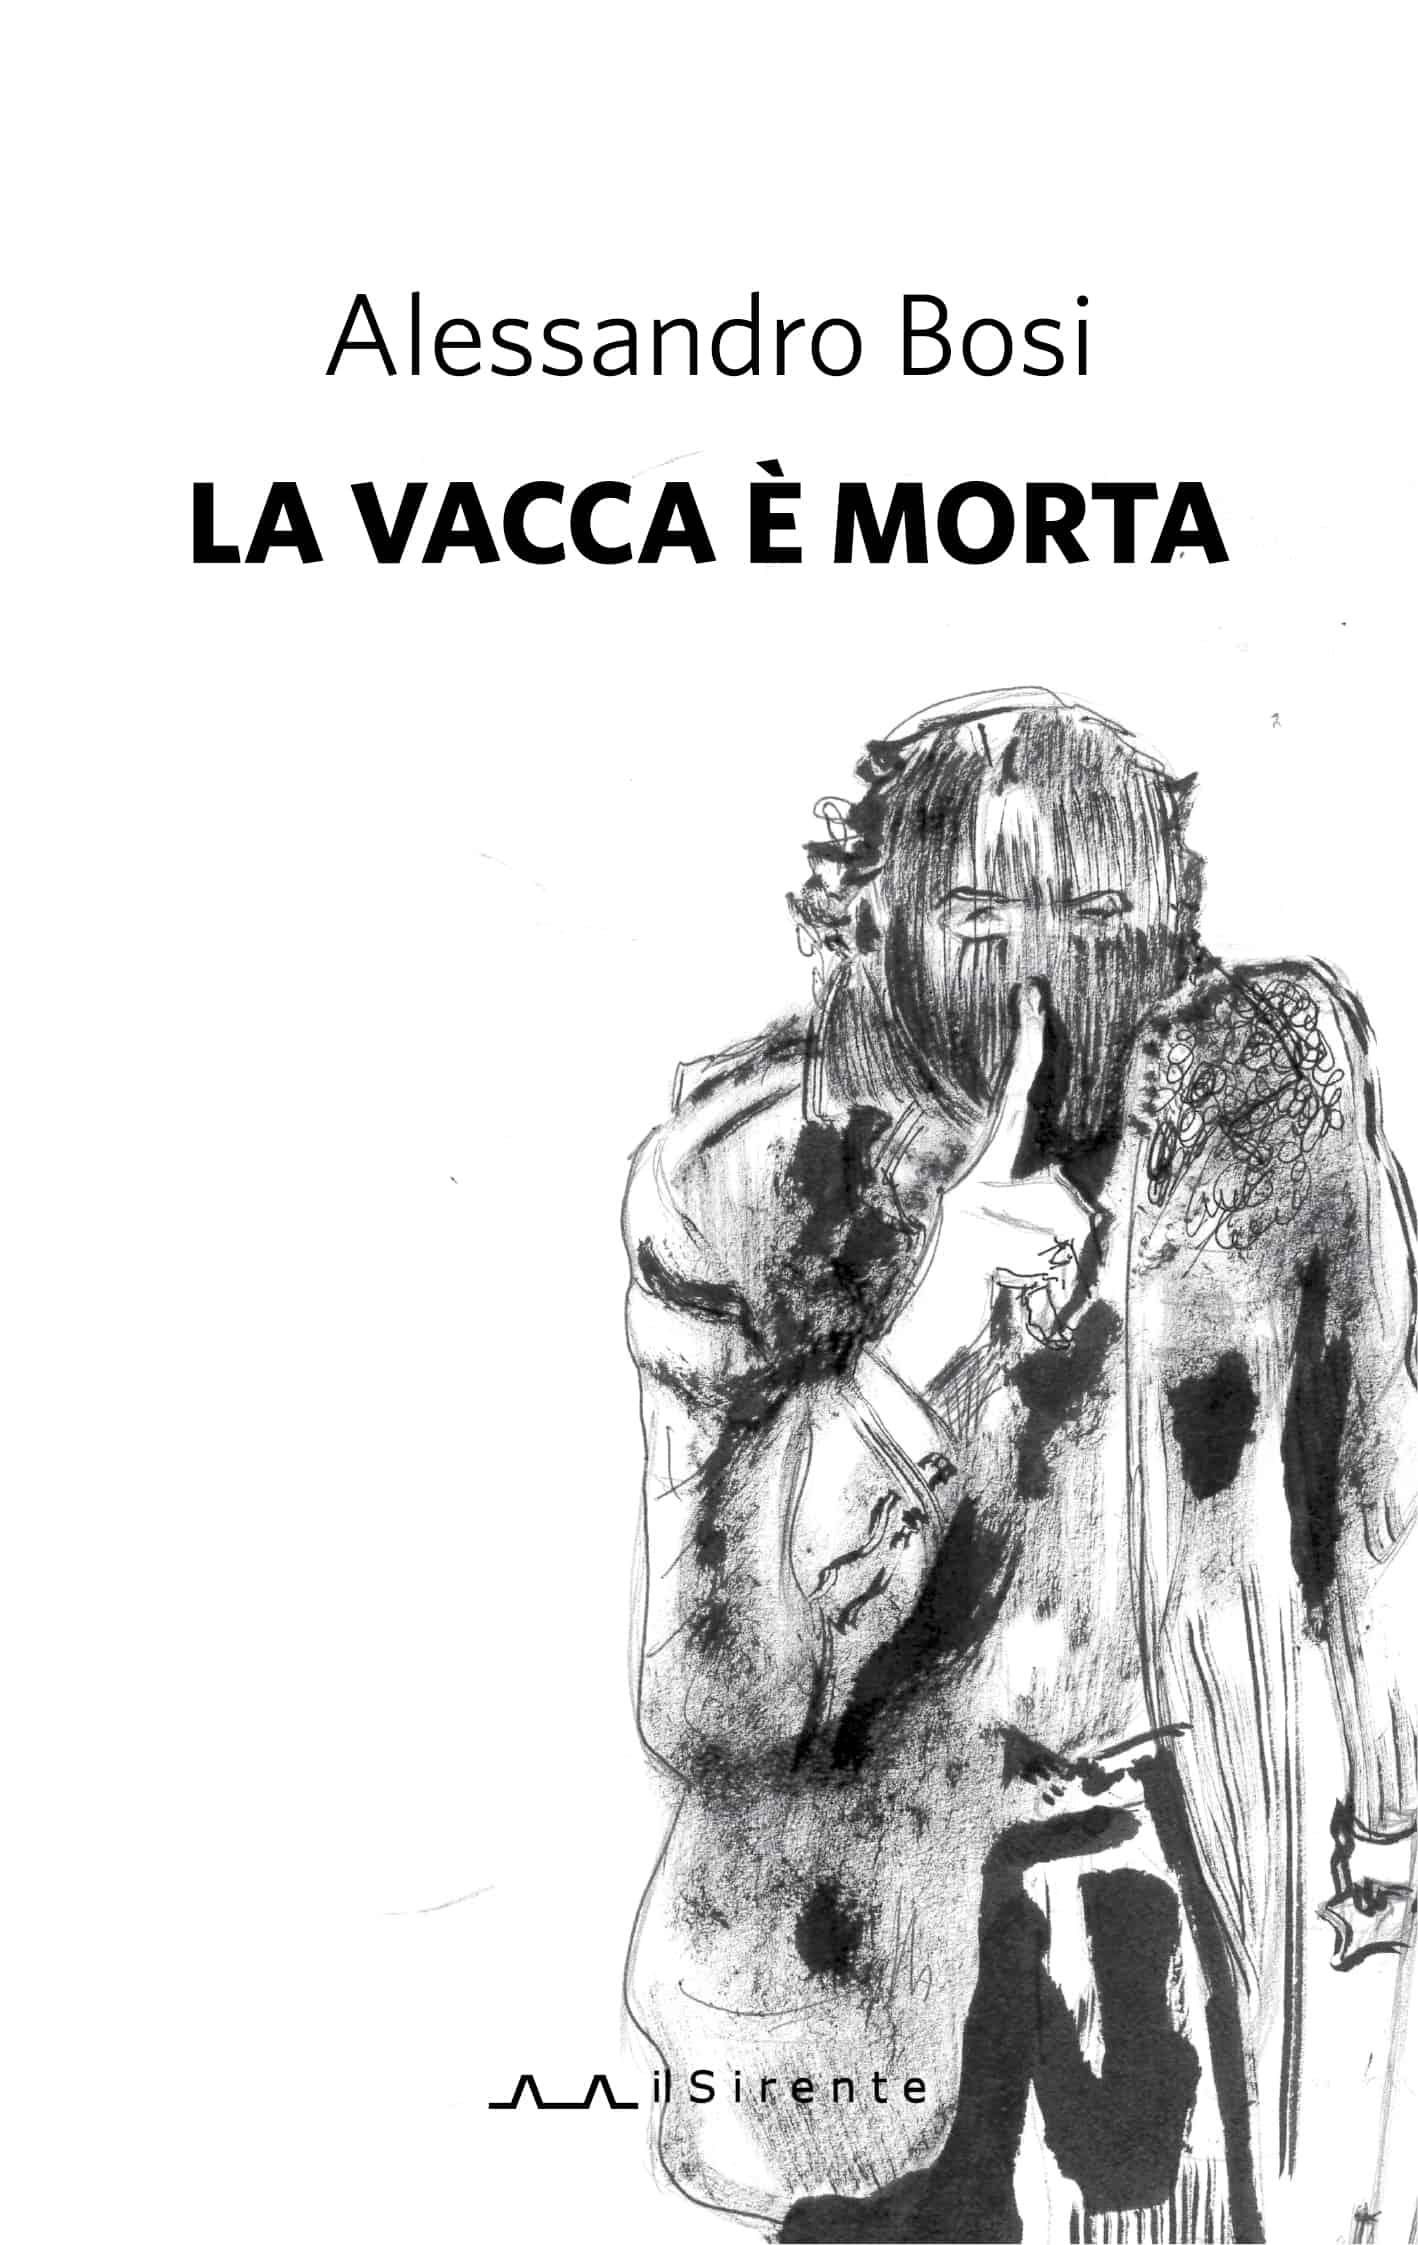 La vacca è morta : Alessandro Bosi